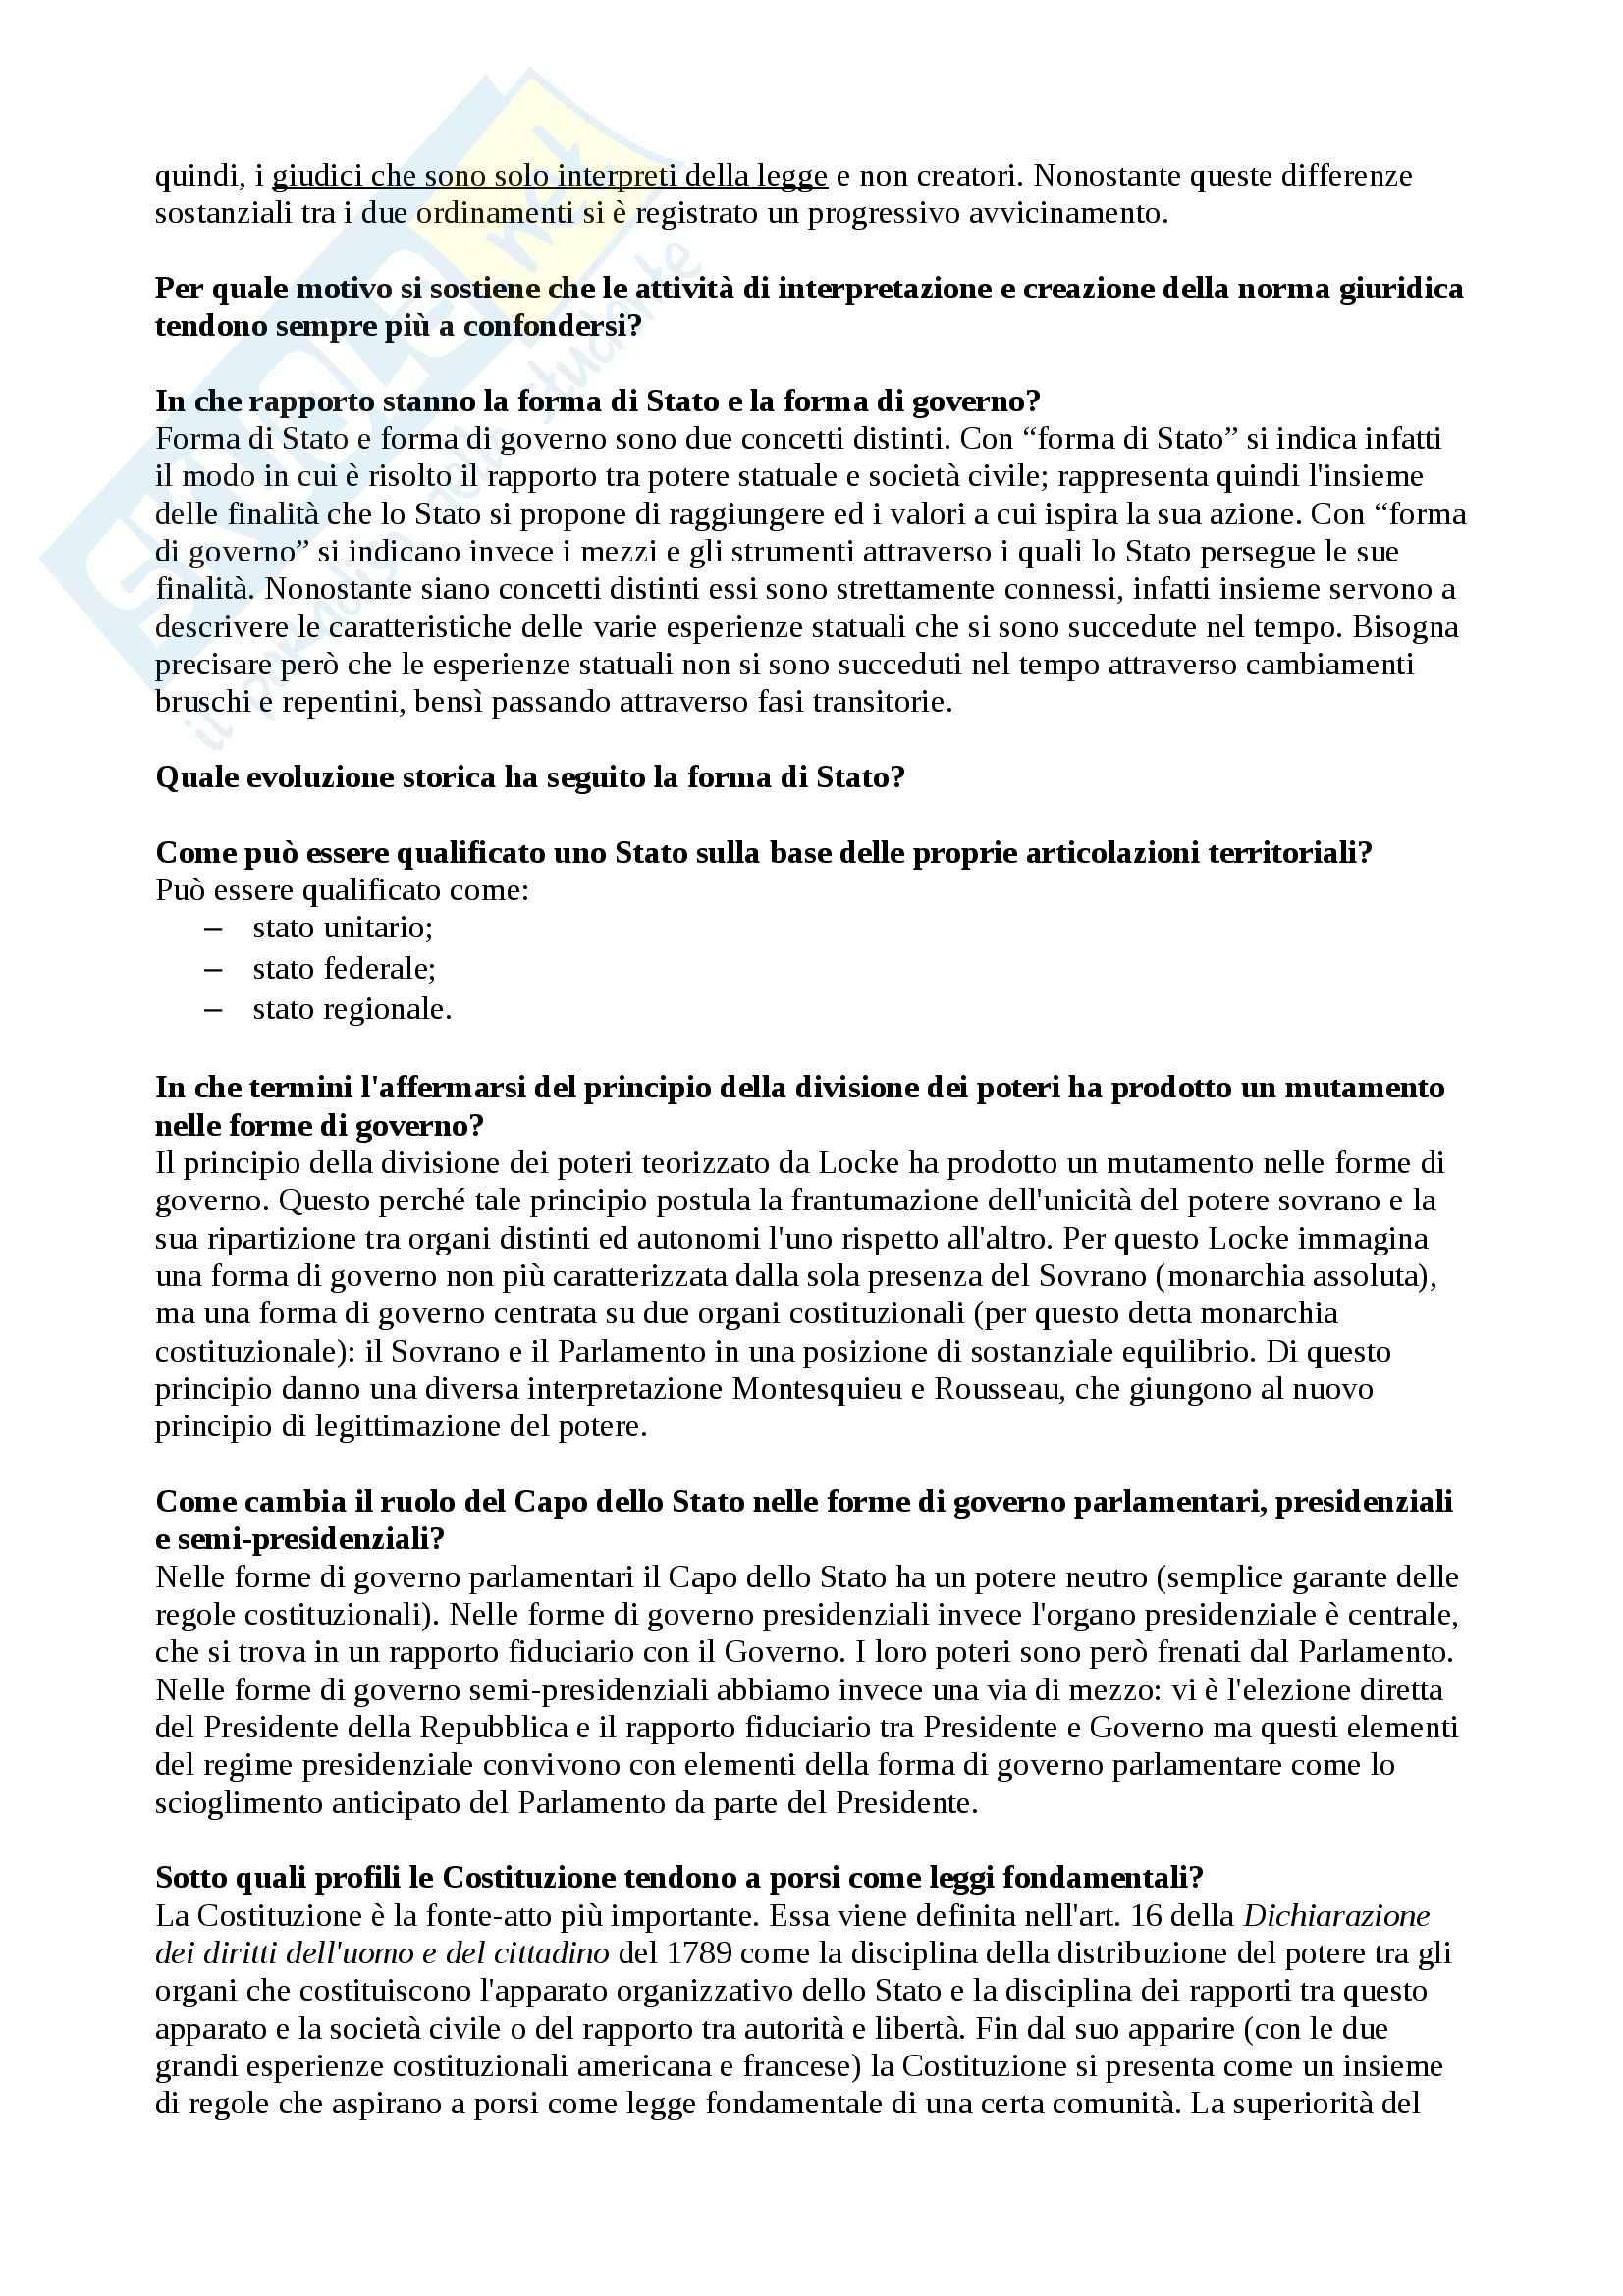 Diritto pubblico - Domande e risposte Pag. 2